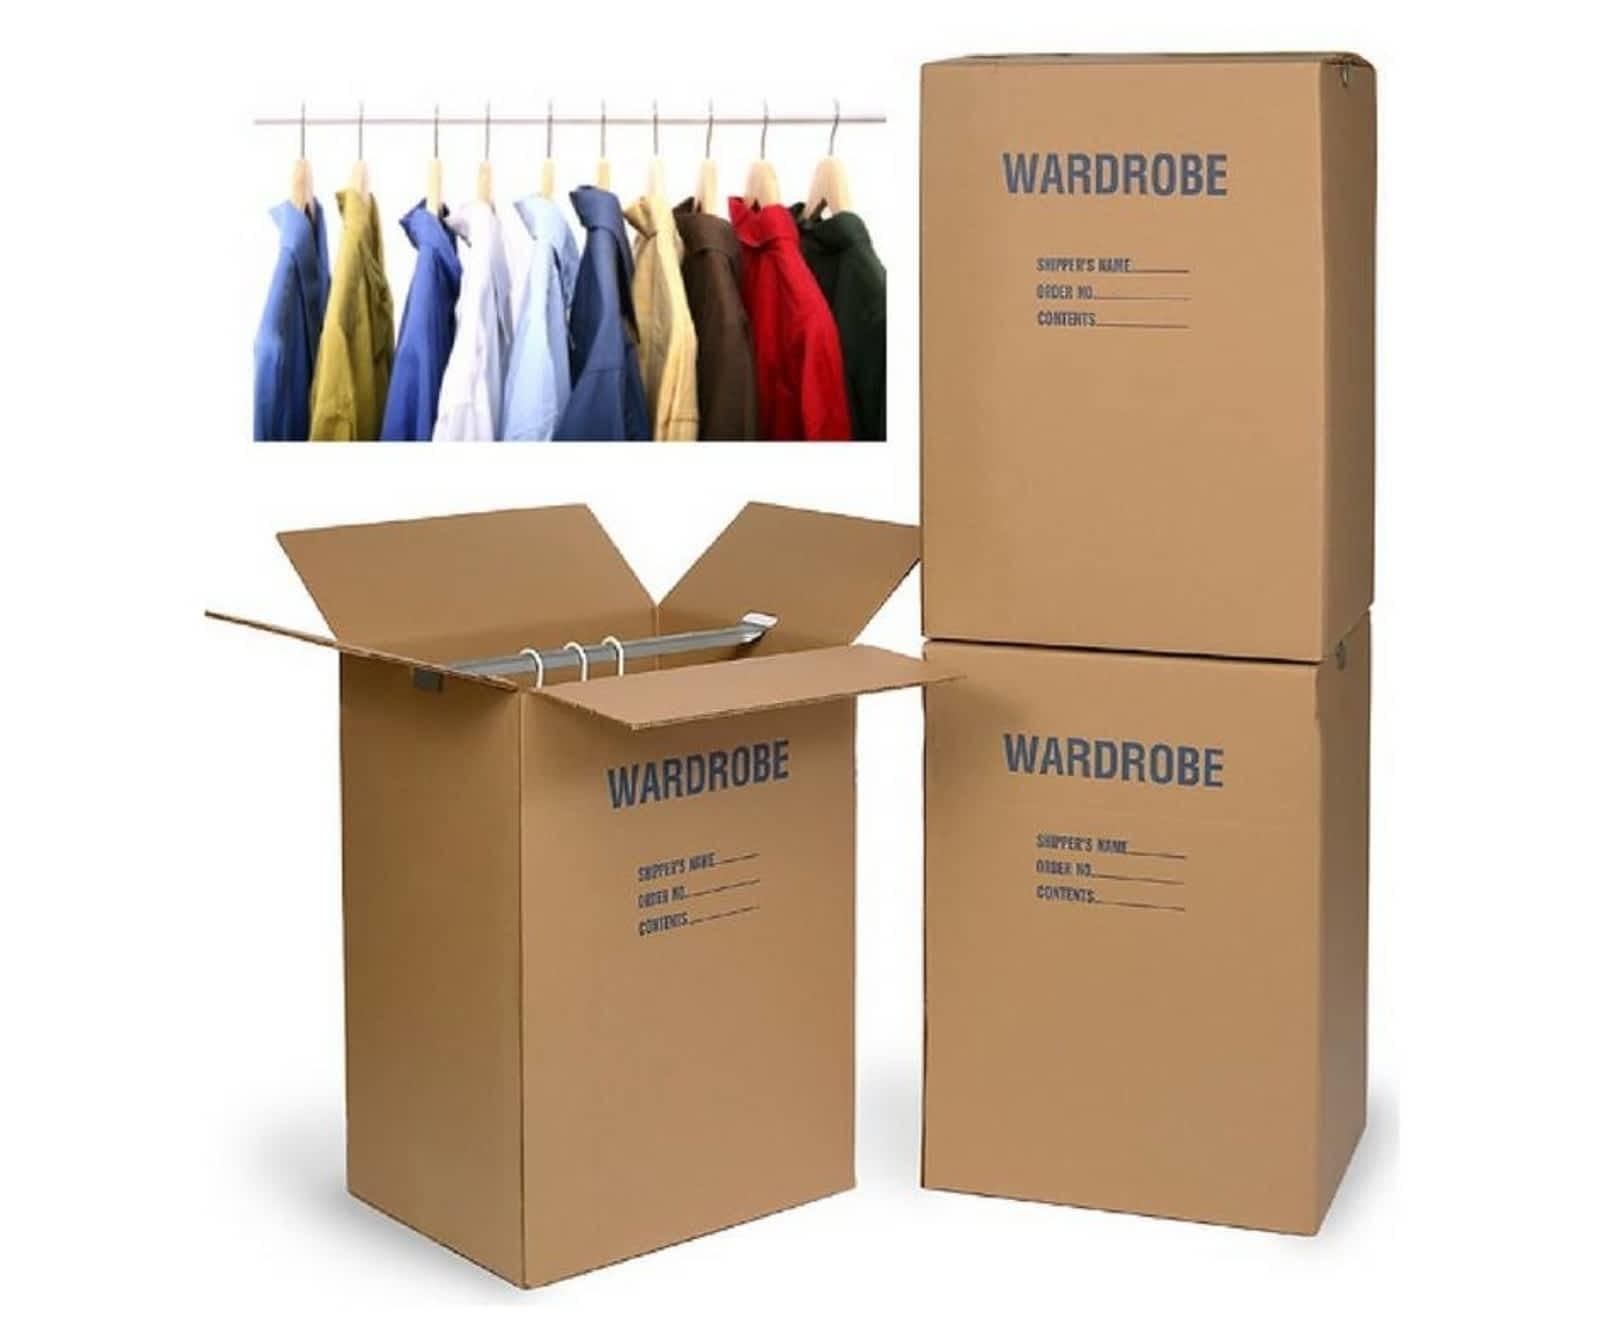 repurpose box moving boxes reuse pin wardrobe shorty and